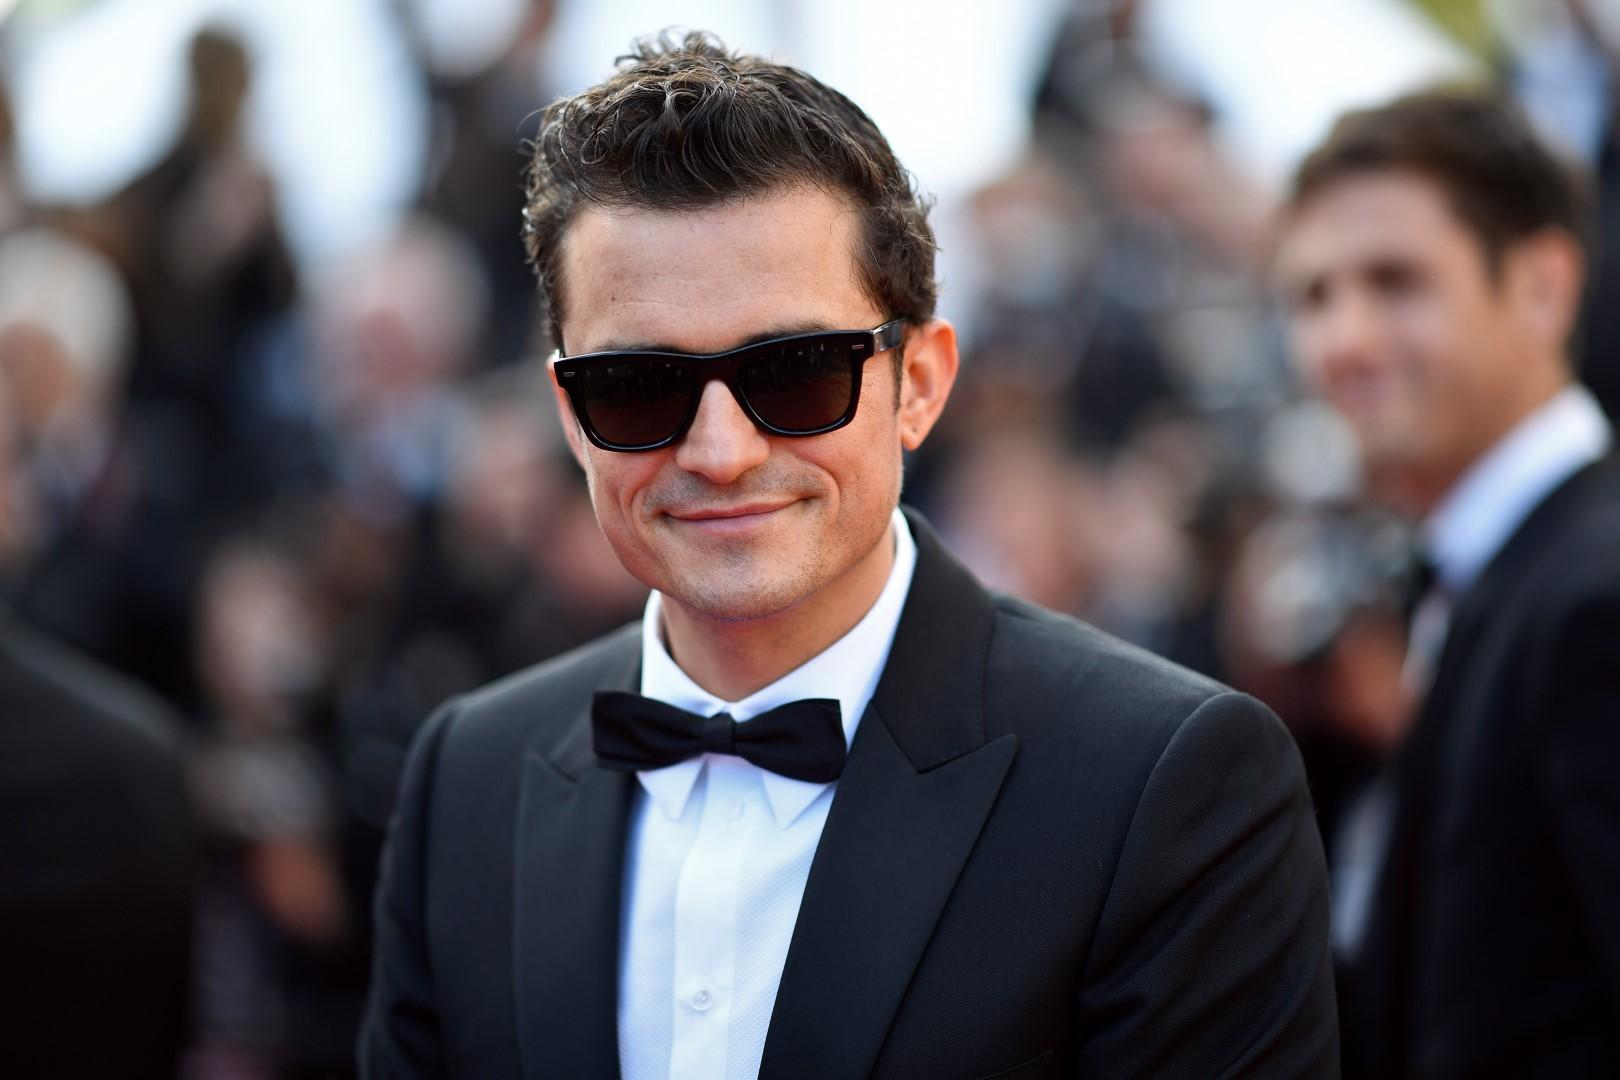 Uomo, Palma d'oro all'eleganza: i look più belli visti a Cannes